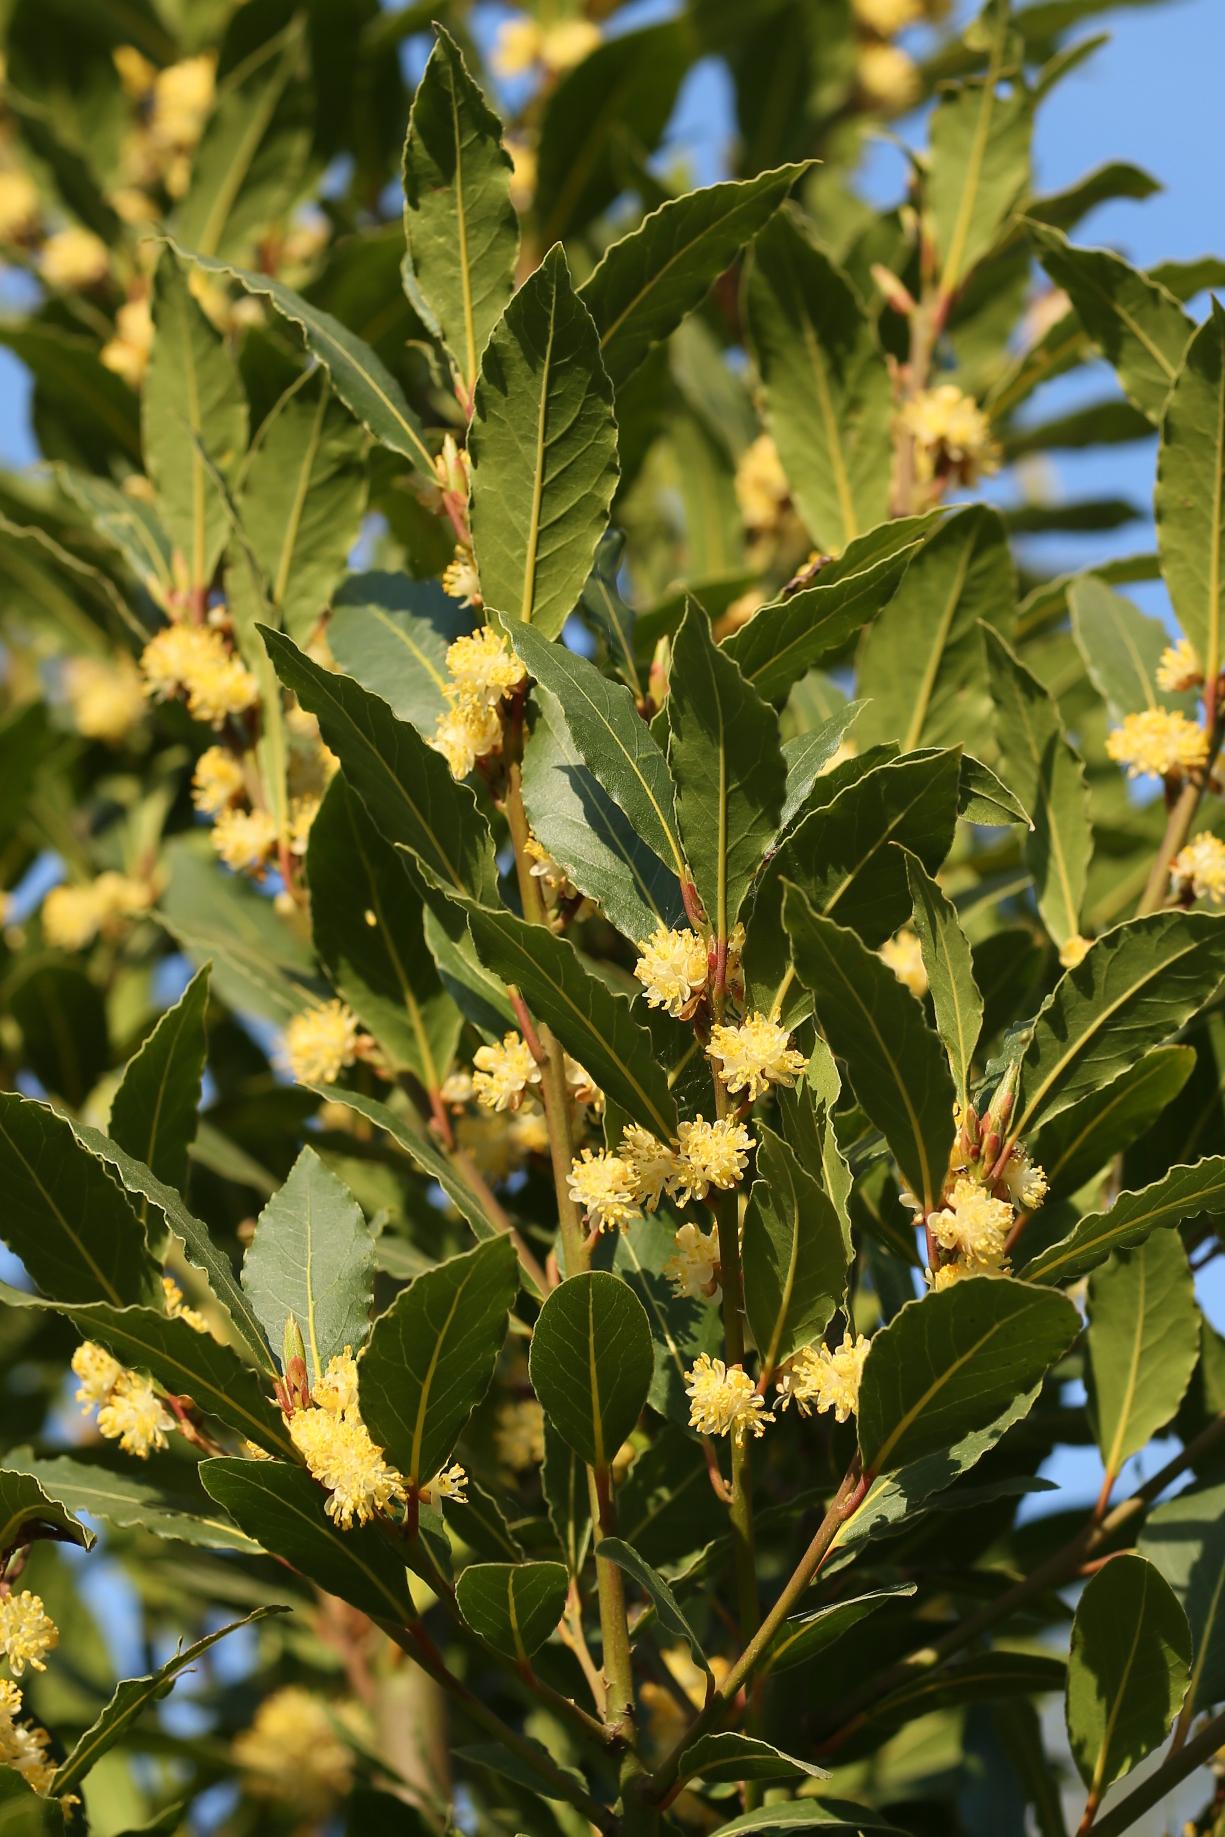 Oxford University Plants 400: Laurus nobilis - BRAHMS Online